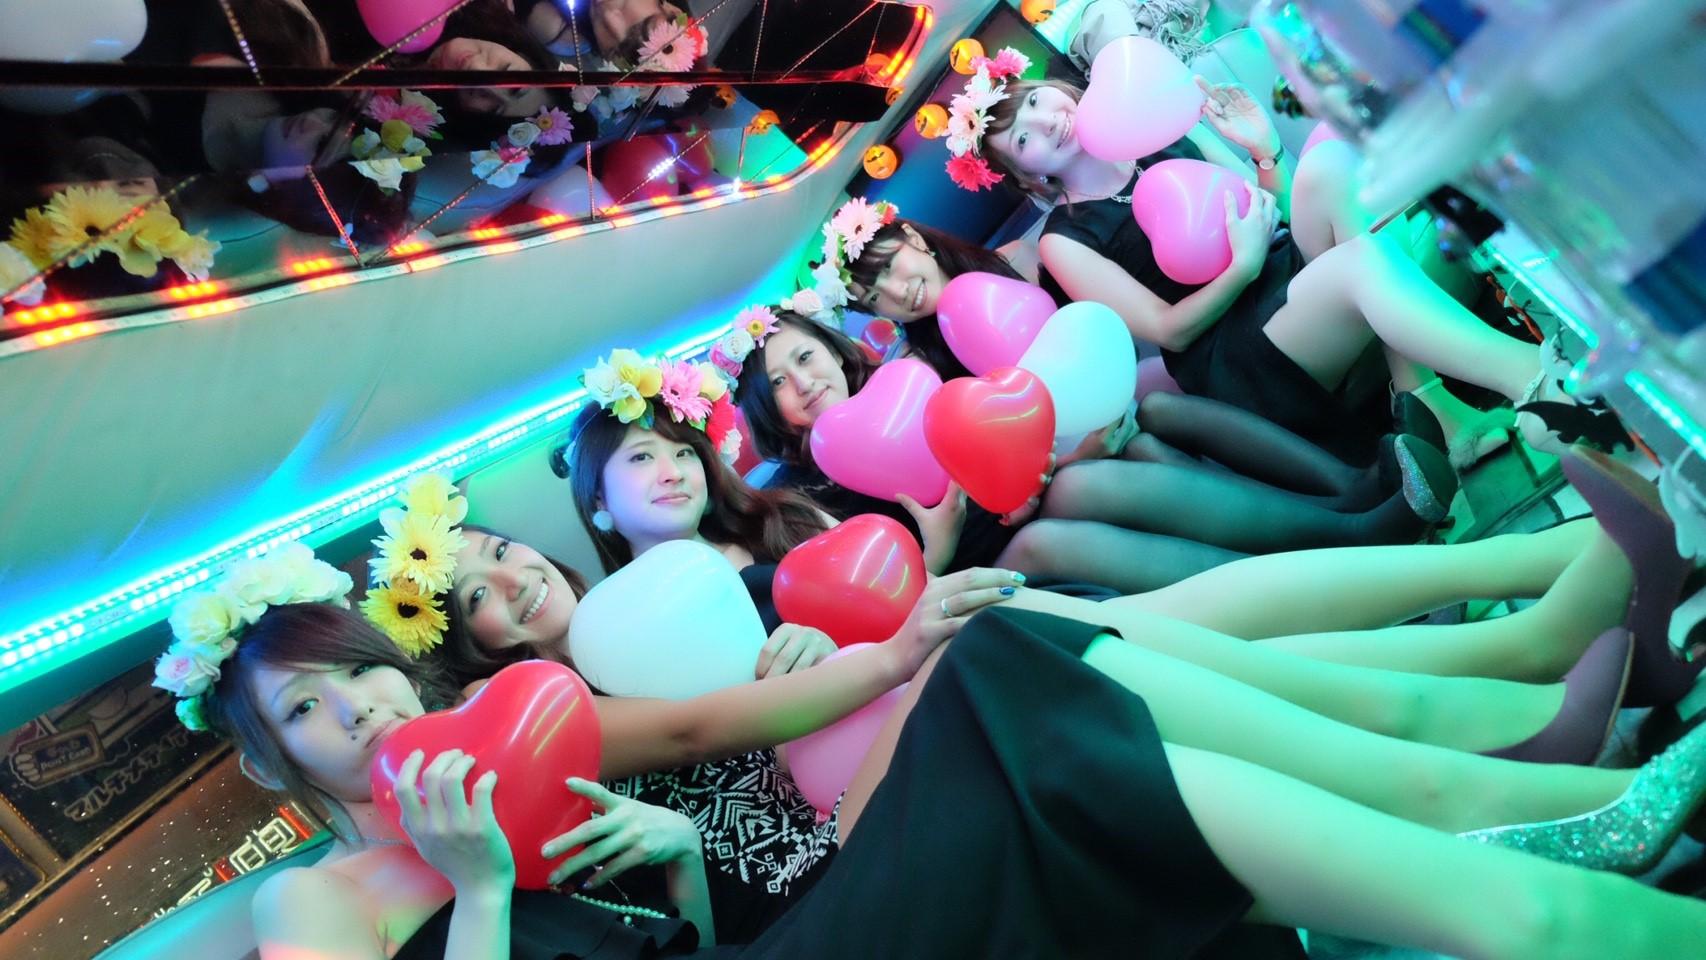 リムジンパーティー リムジン女子会 リムジンレンタル リムジン リムジン誕生日 リムジンサプライズ